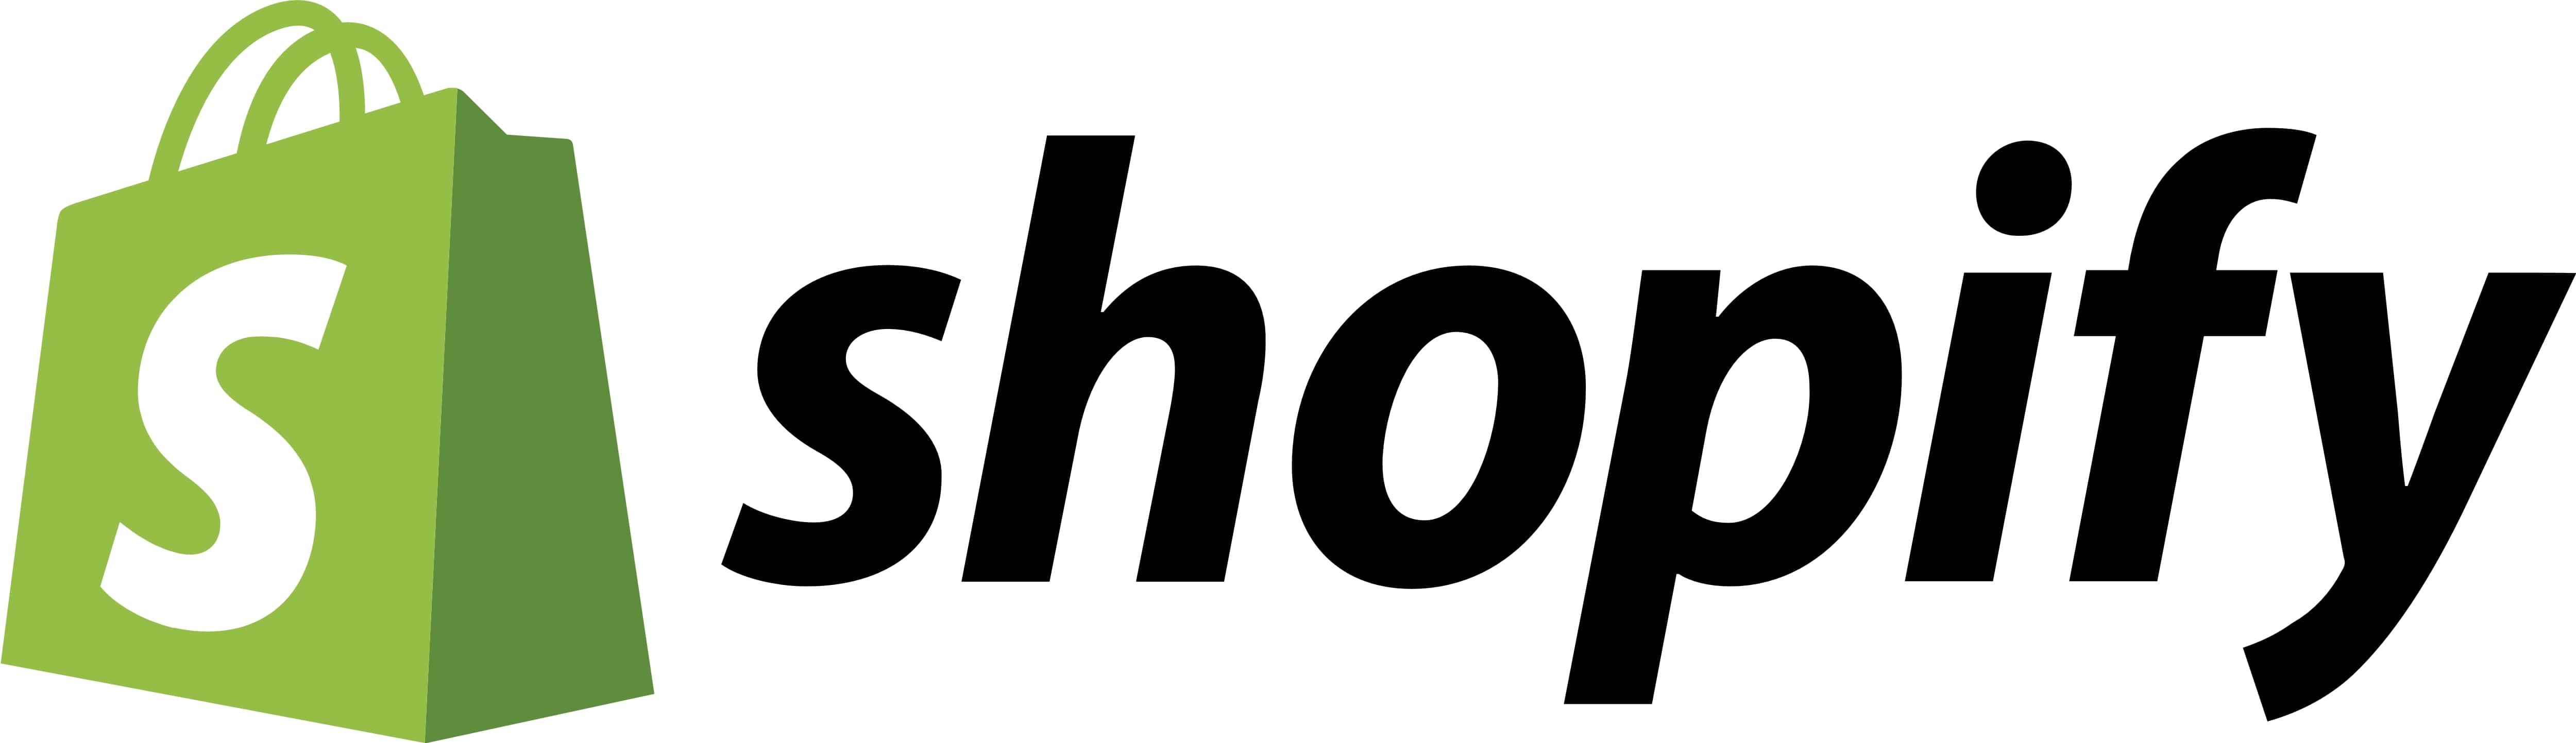 Shopify Logo - ProbablyBusy.com